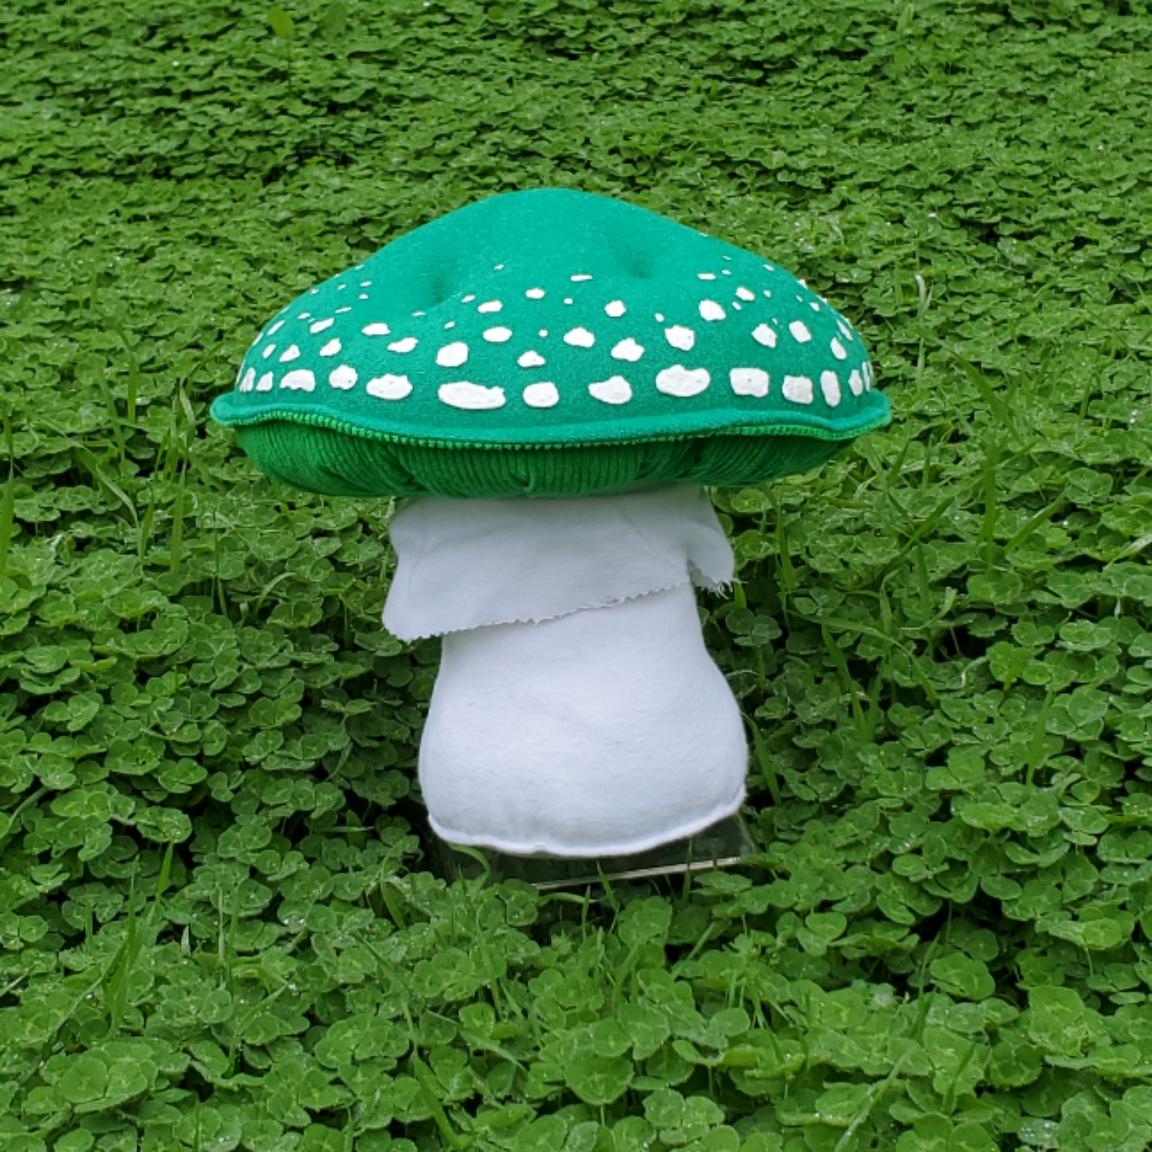 Cloverfield mushroom green amanita